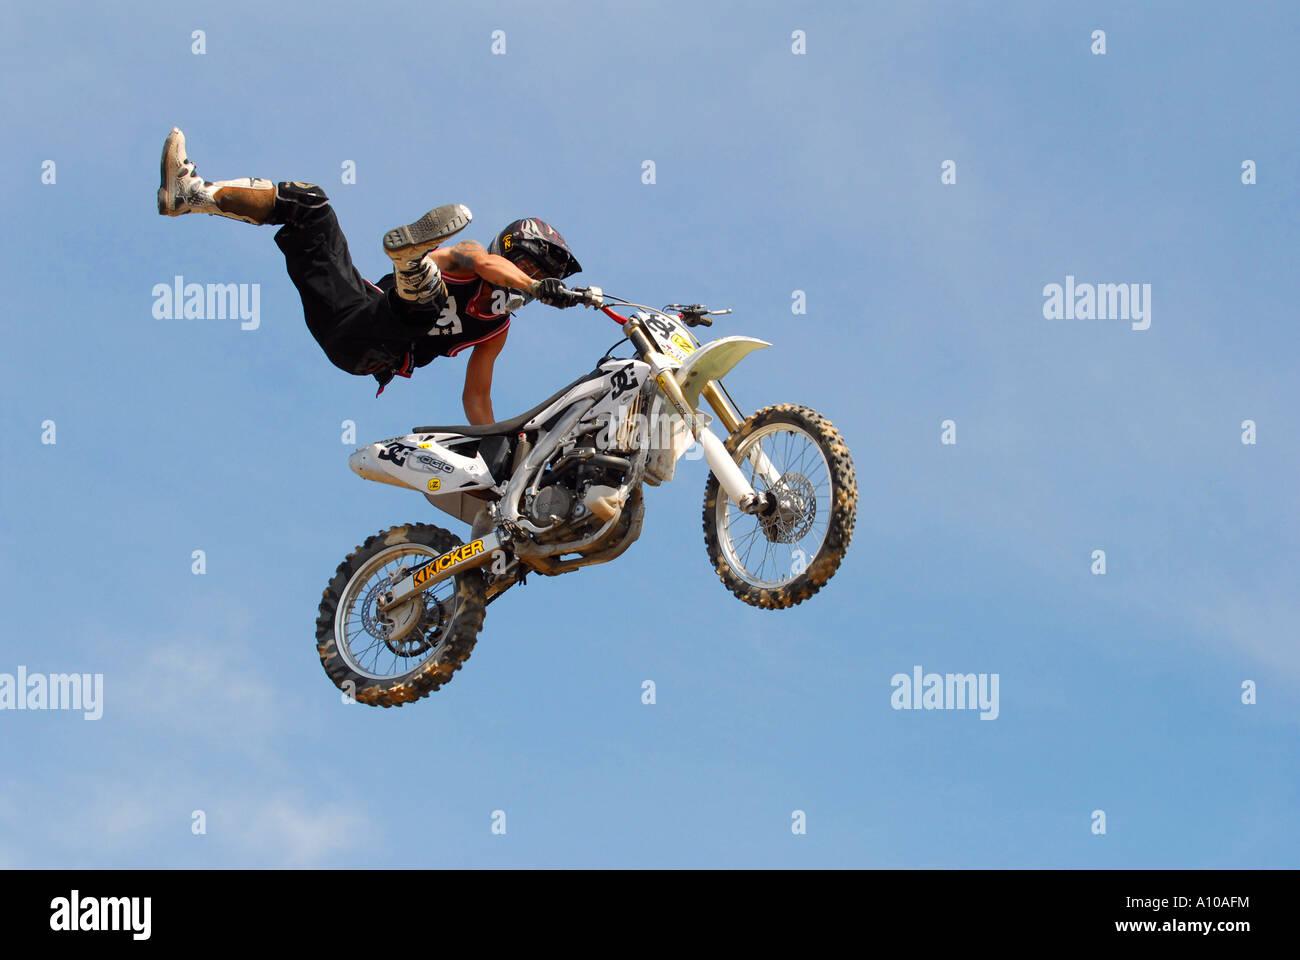 Dirt Bike Rider stunt rider Immagini Stock